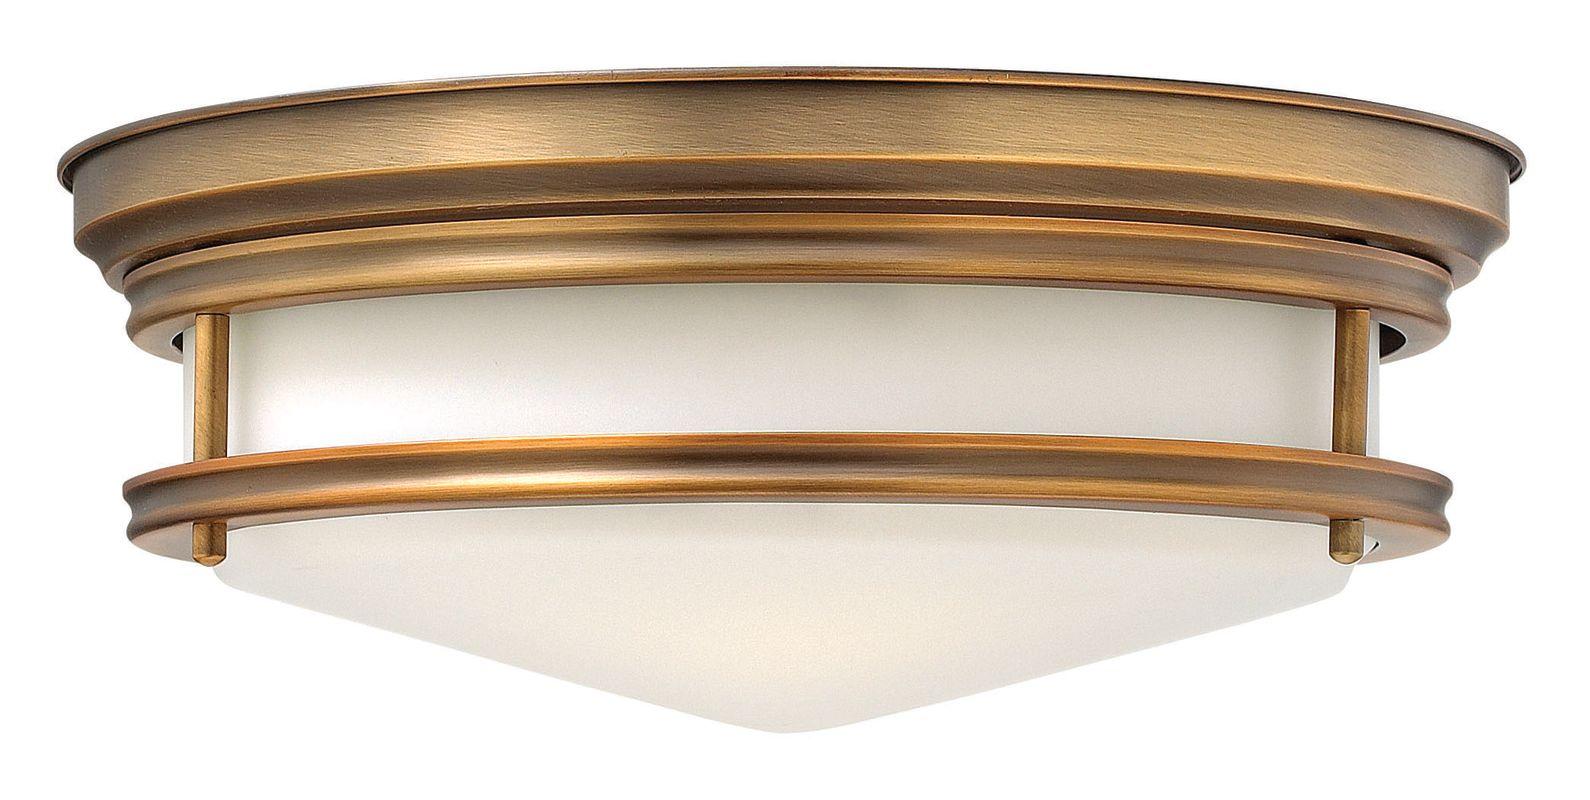 Hinkley Lighting 3301-GU24 3 Light Title 24 Fluorescent Flush Mount Sale $269.00 ITEM#: 2635250 MODEL# :3301BR-GU24 UPC#: 640665330304 :